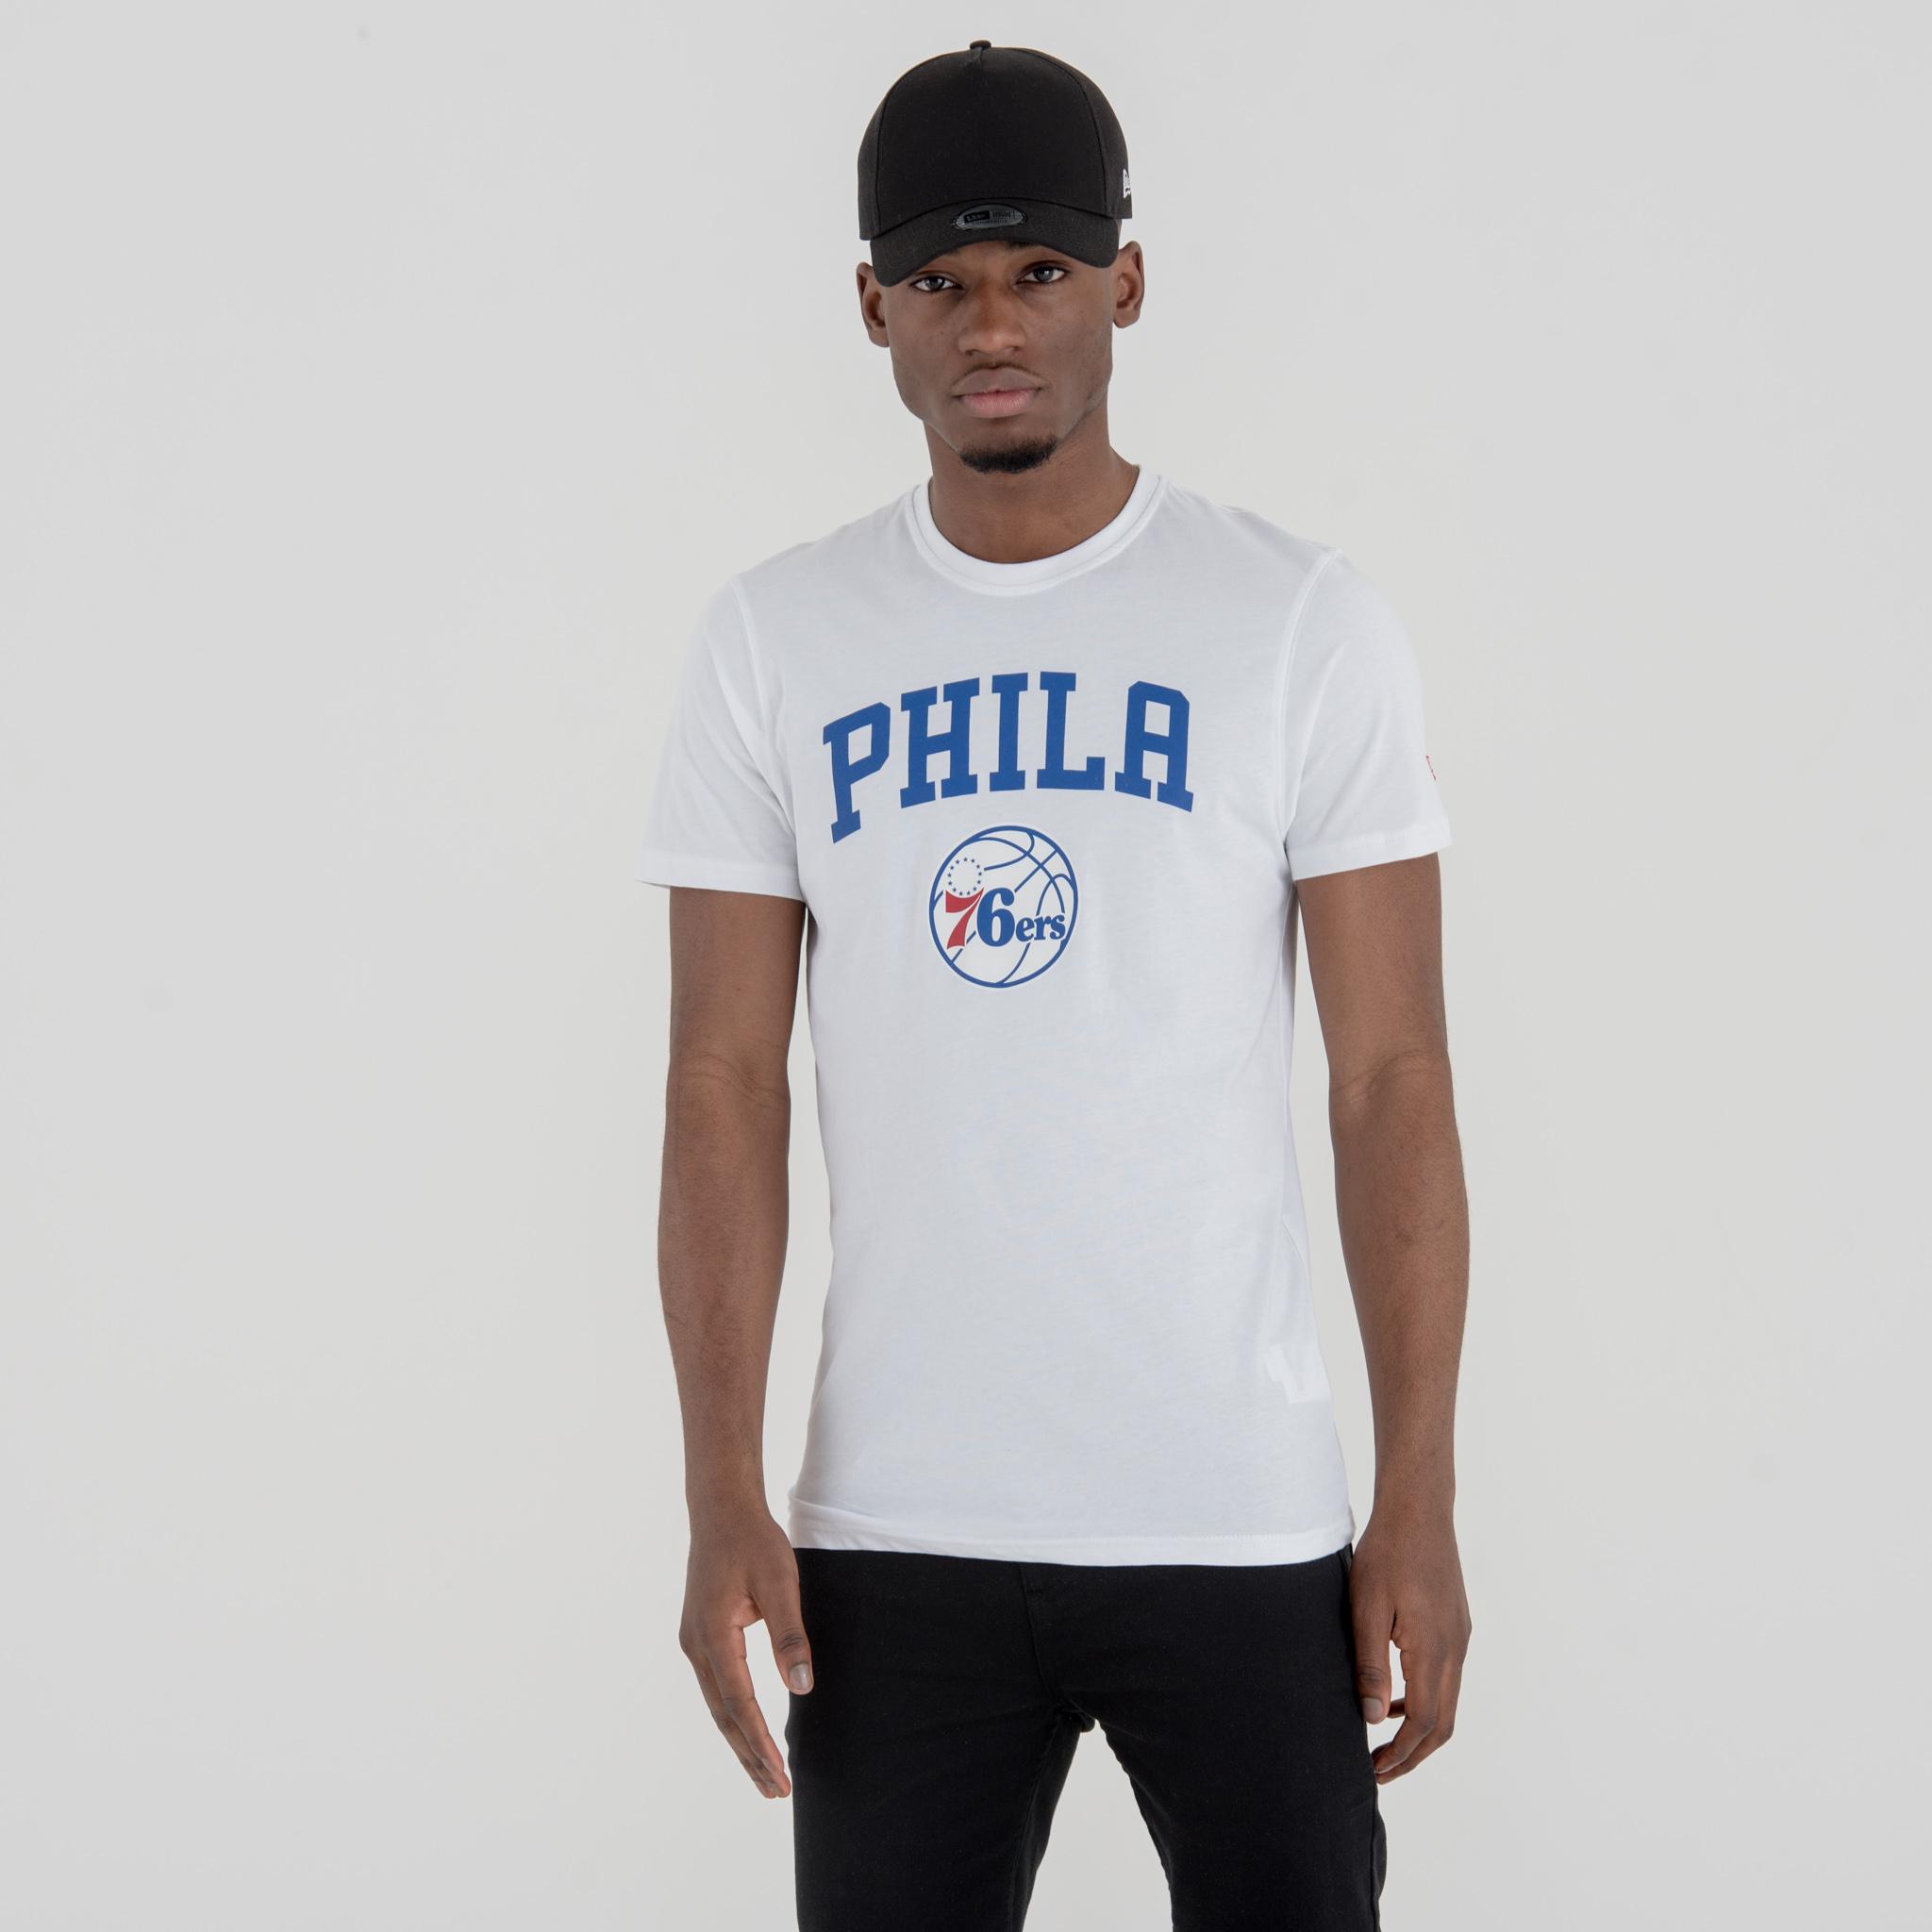 T-shirt Philadelphia 76ers blanc avec logo de l'équipe